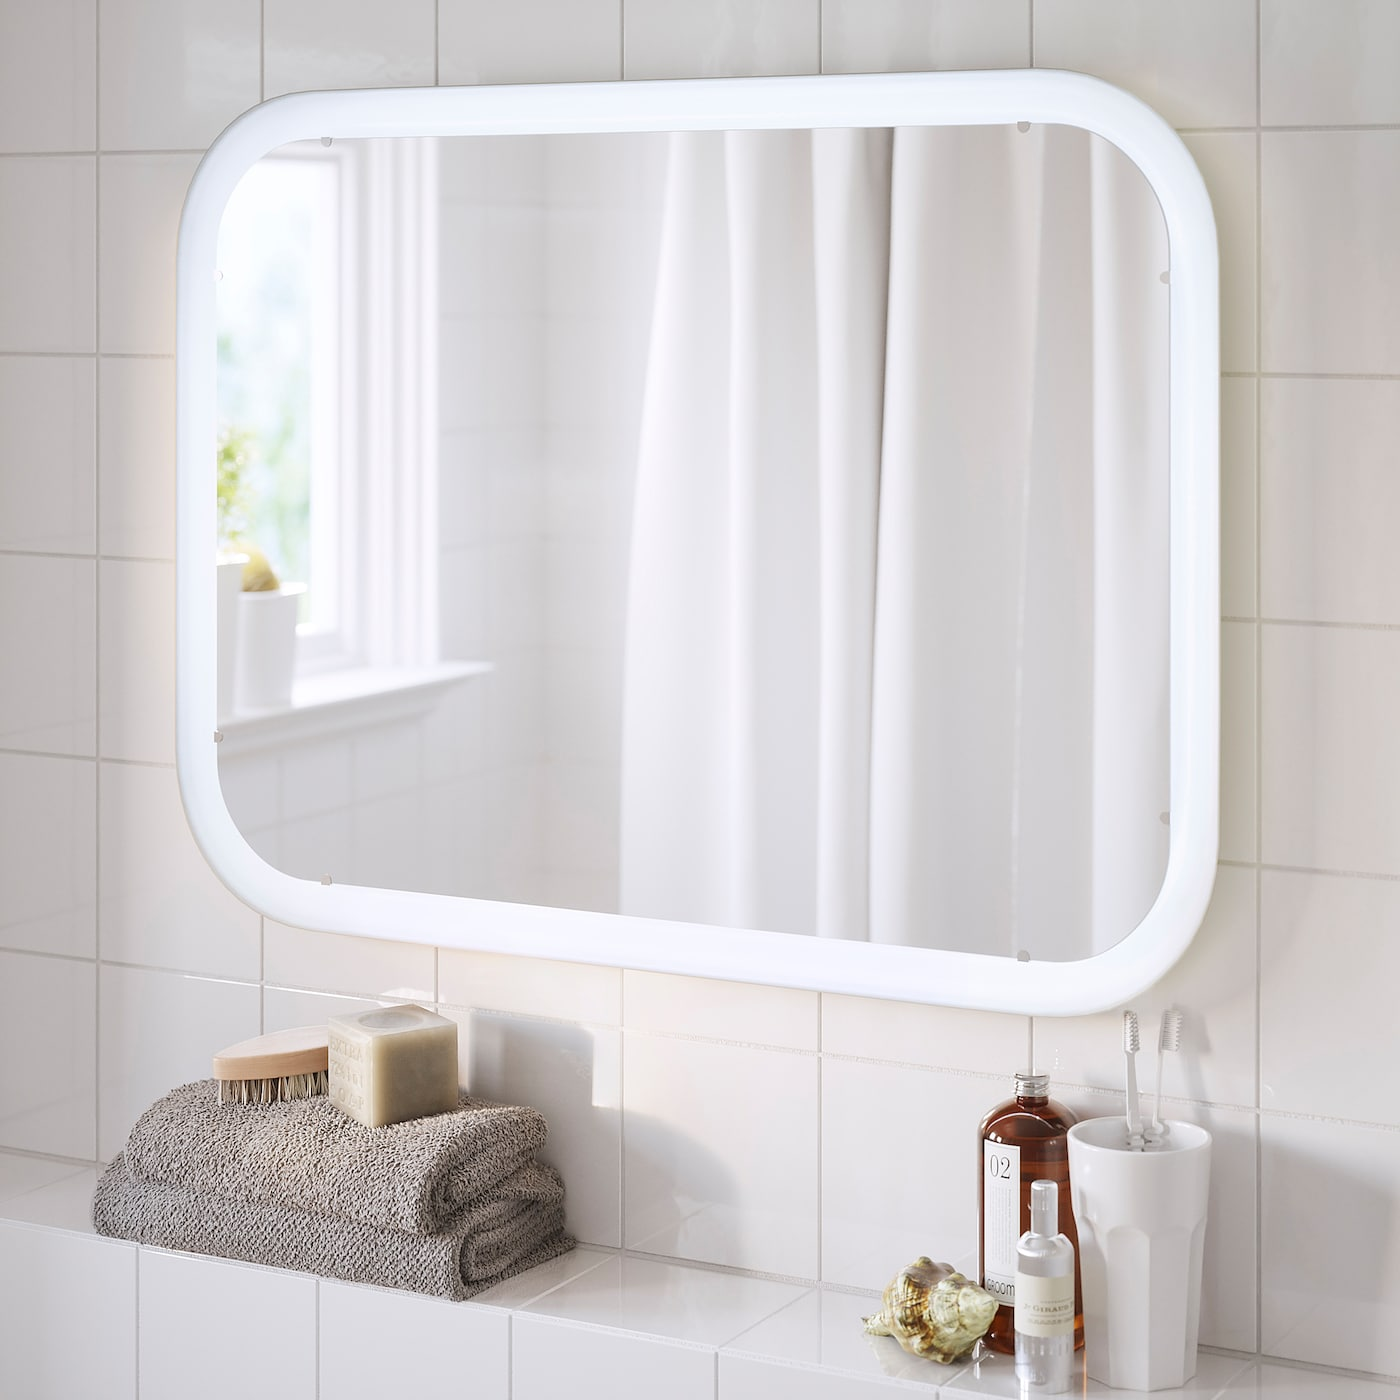 STORJORM Spiegel mit Beleuchtung   weiß 20x20 cm